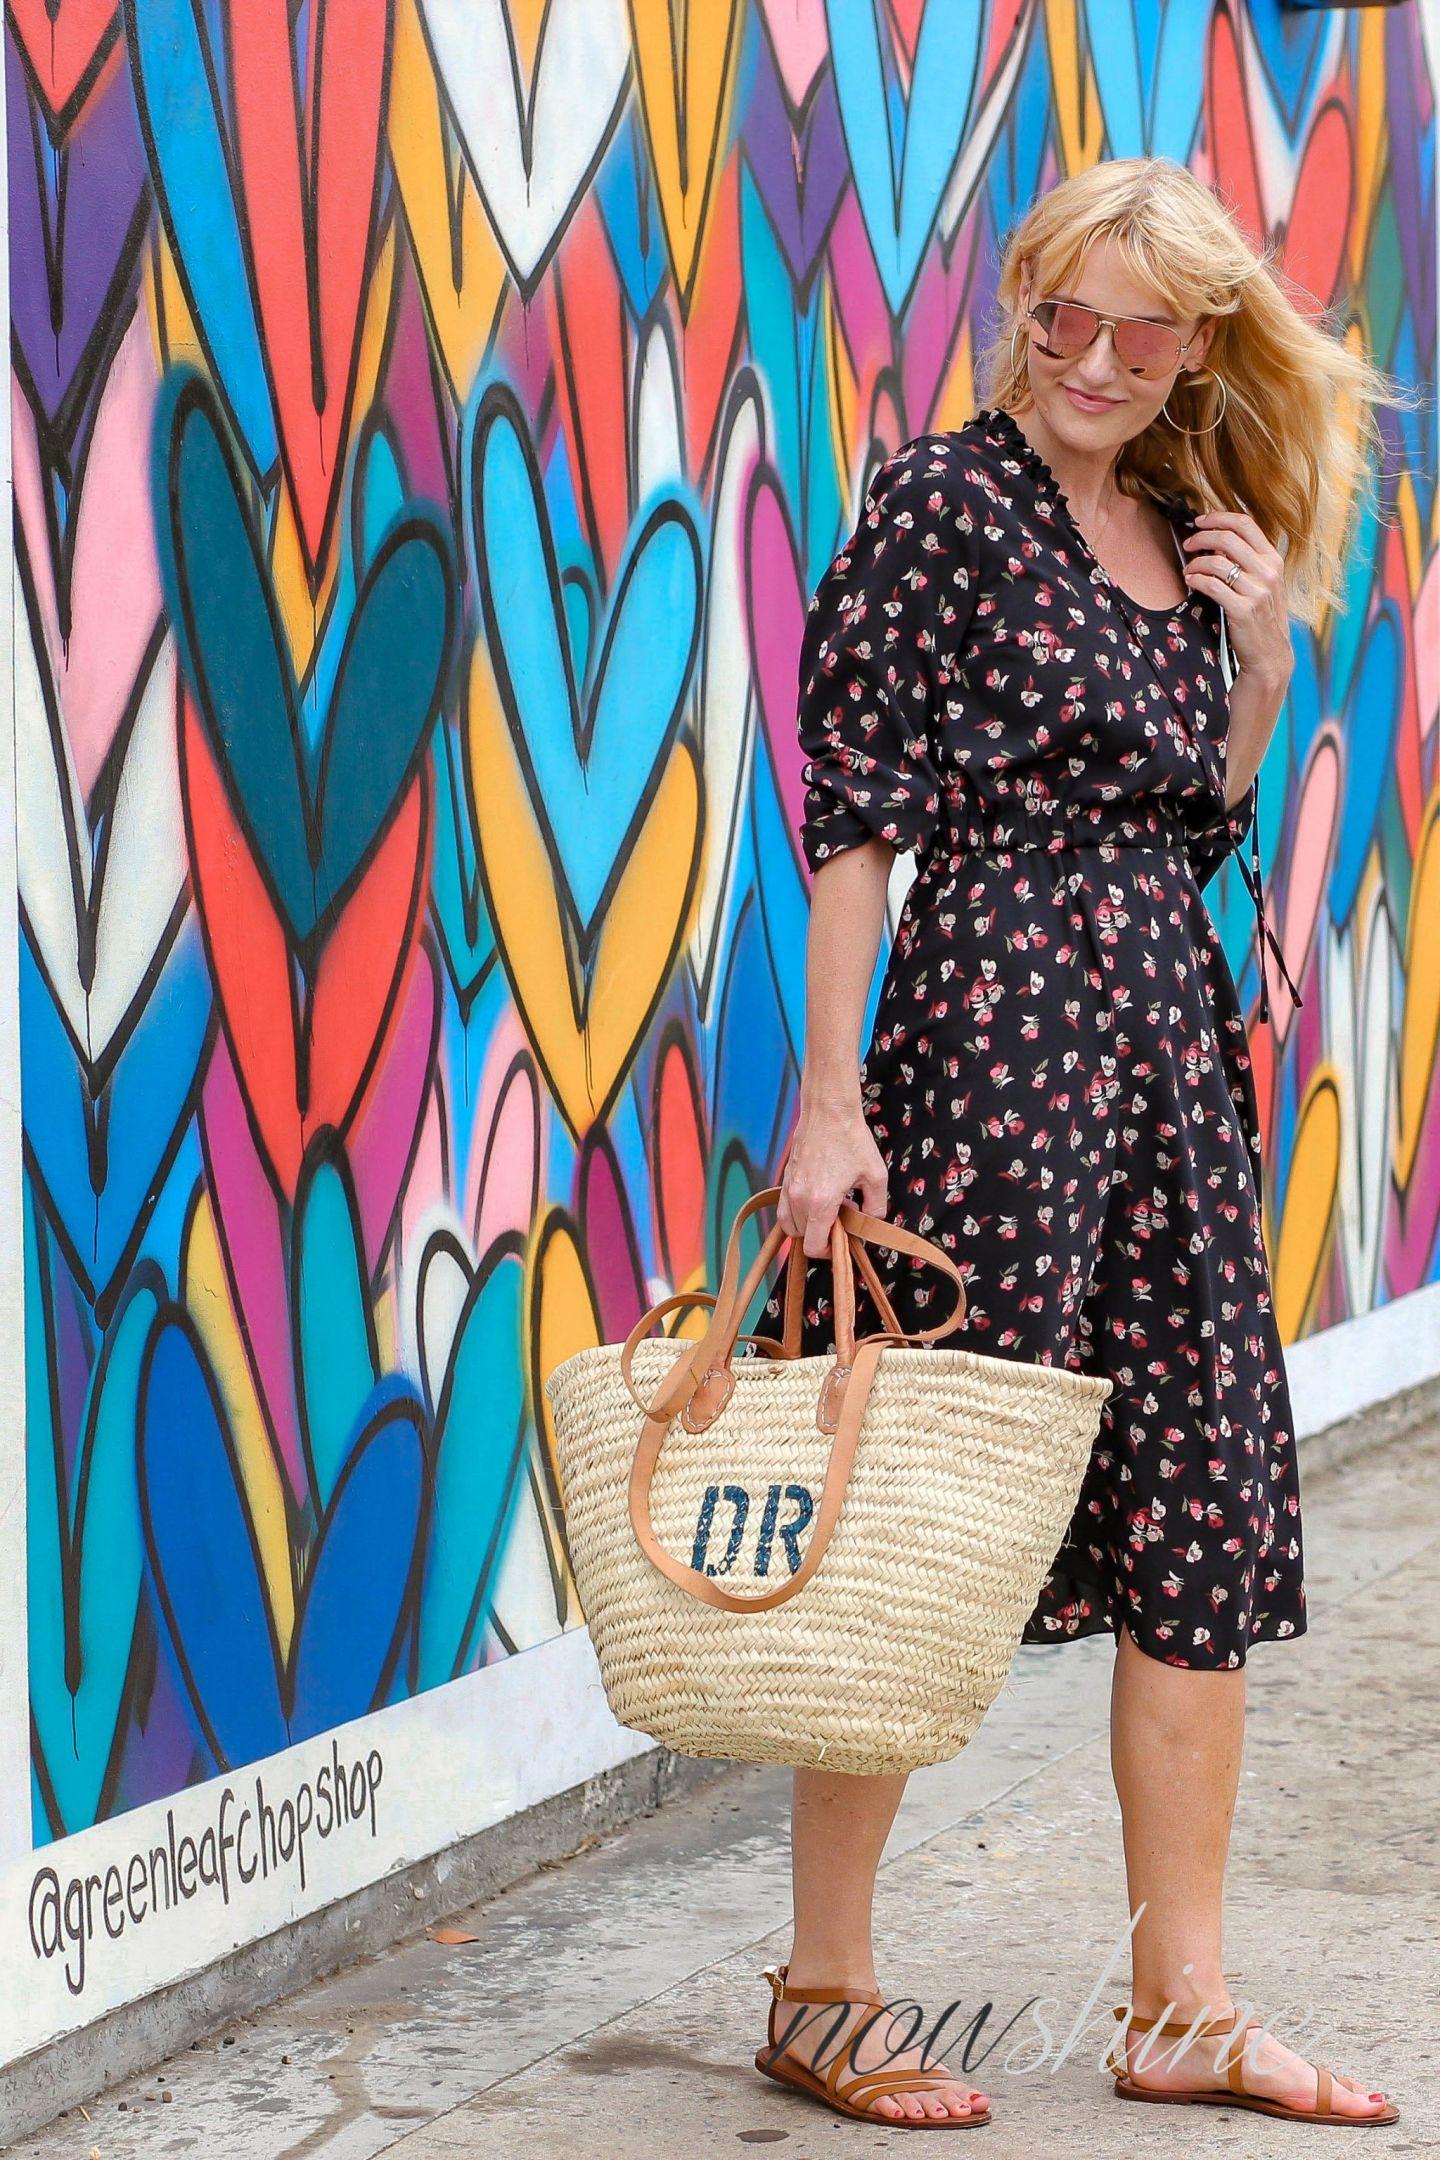 Aus dem WENZ Katalog - Kleid mit Blumen für das Cali Feeling - Nowshine ü 40 Mode